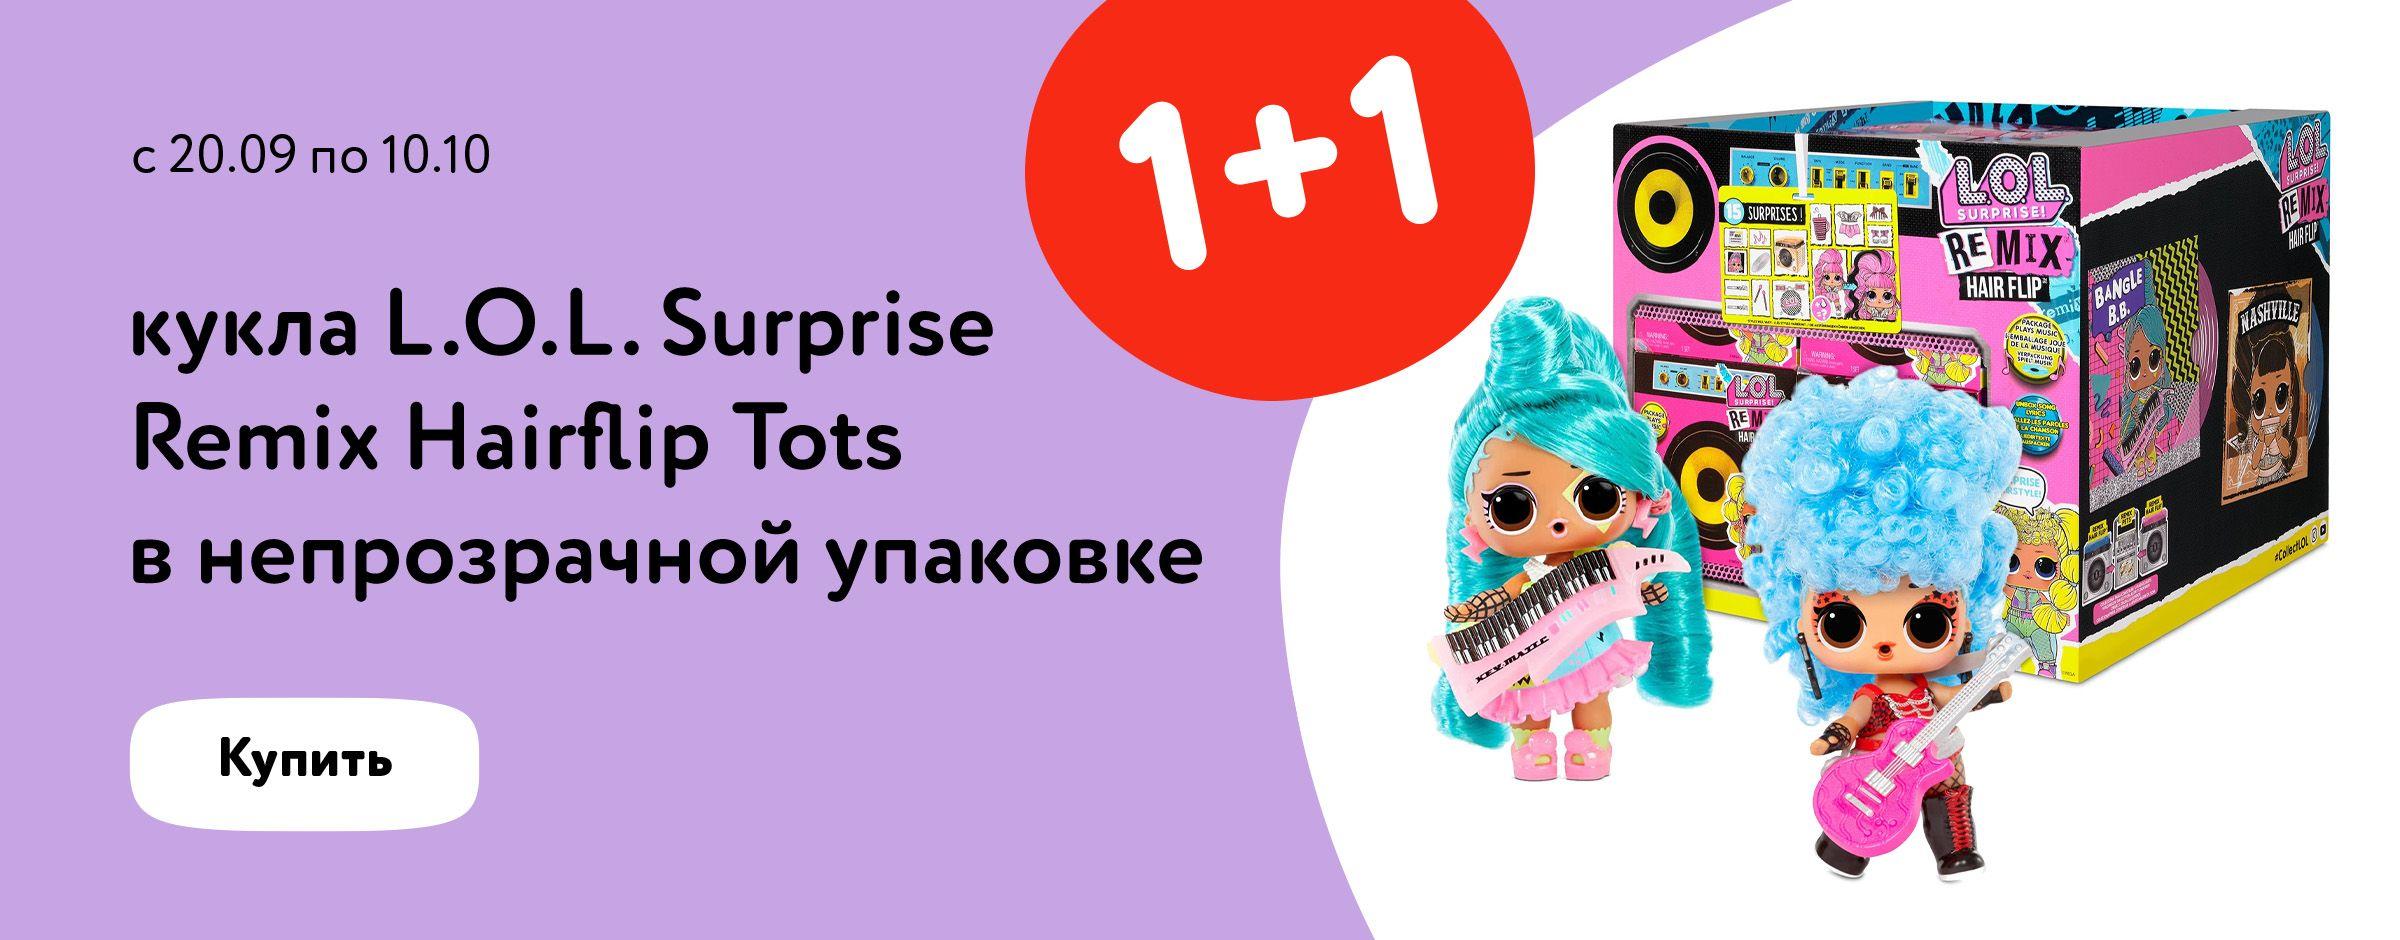 1+1 на куклу LOL Surprise! Remix Hairflip Tots статика + категории